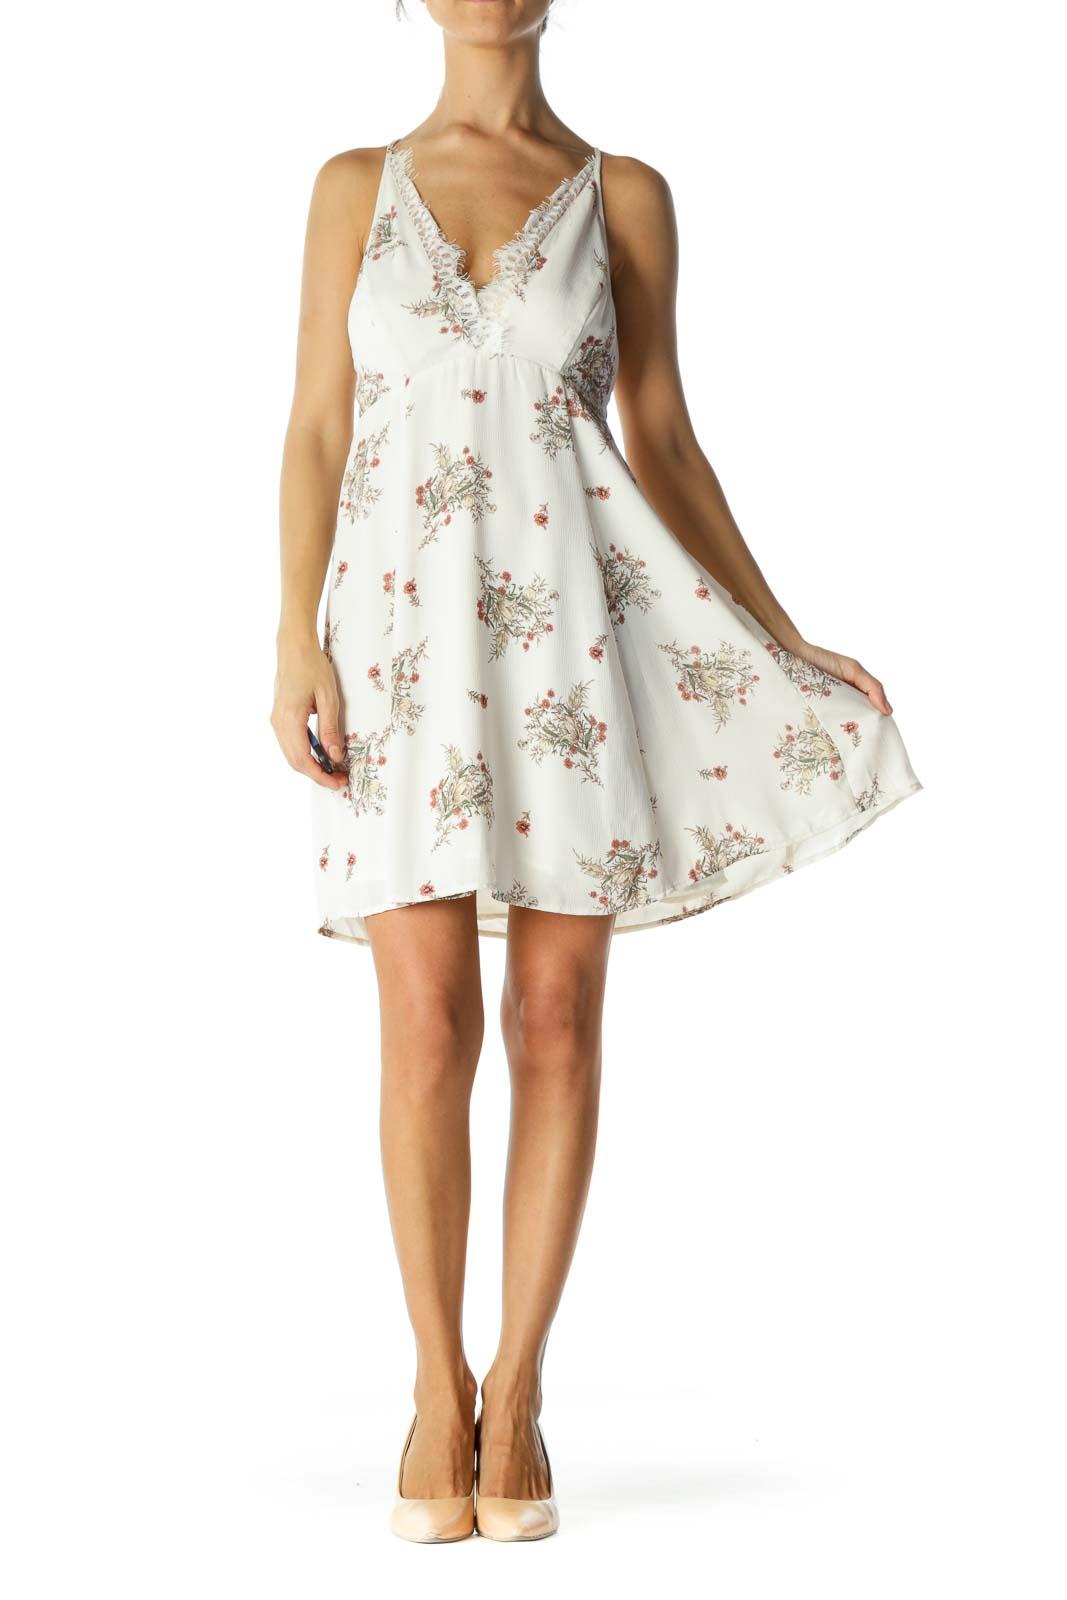 Beige Floral V-Neck Lace Cami Dress